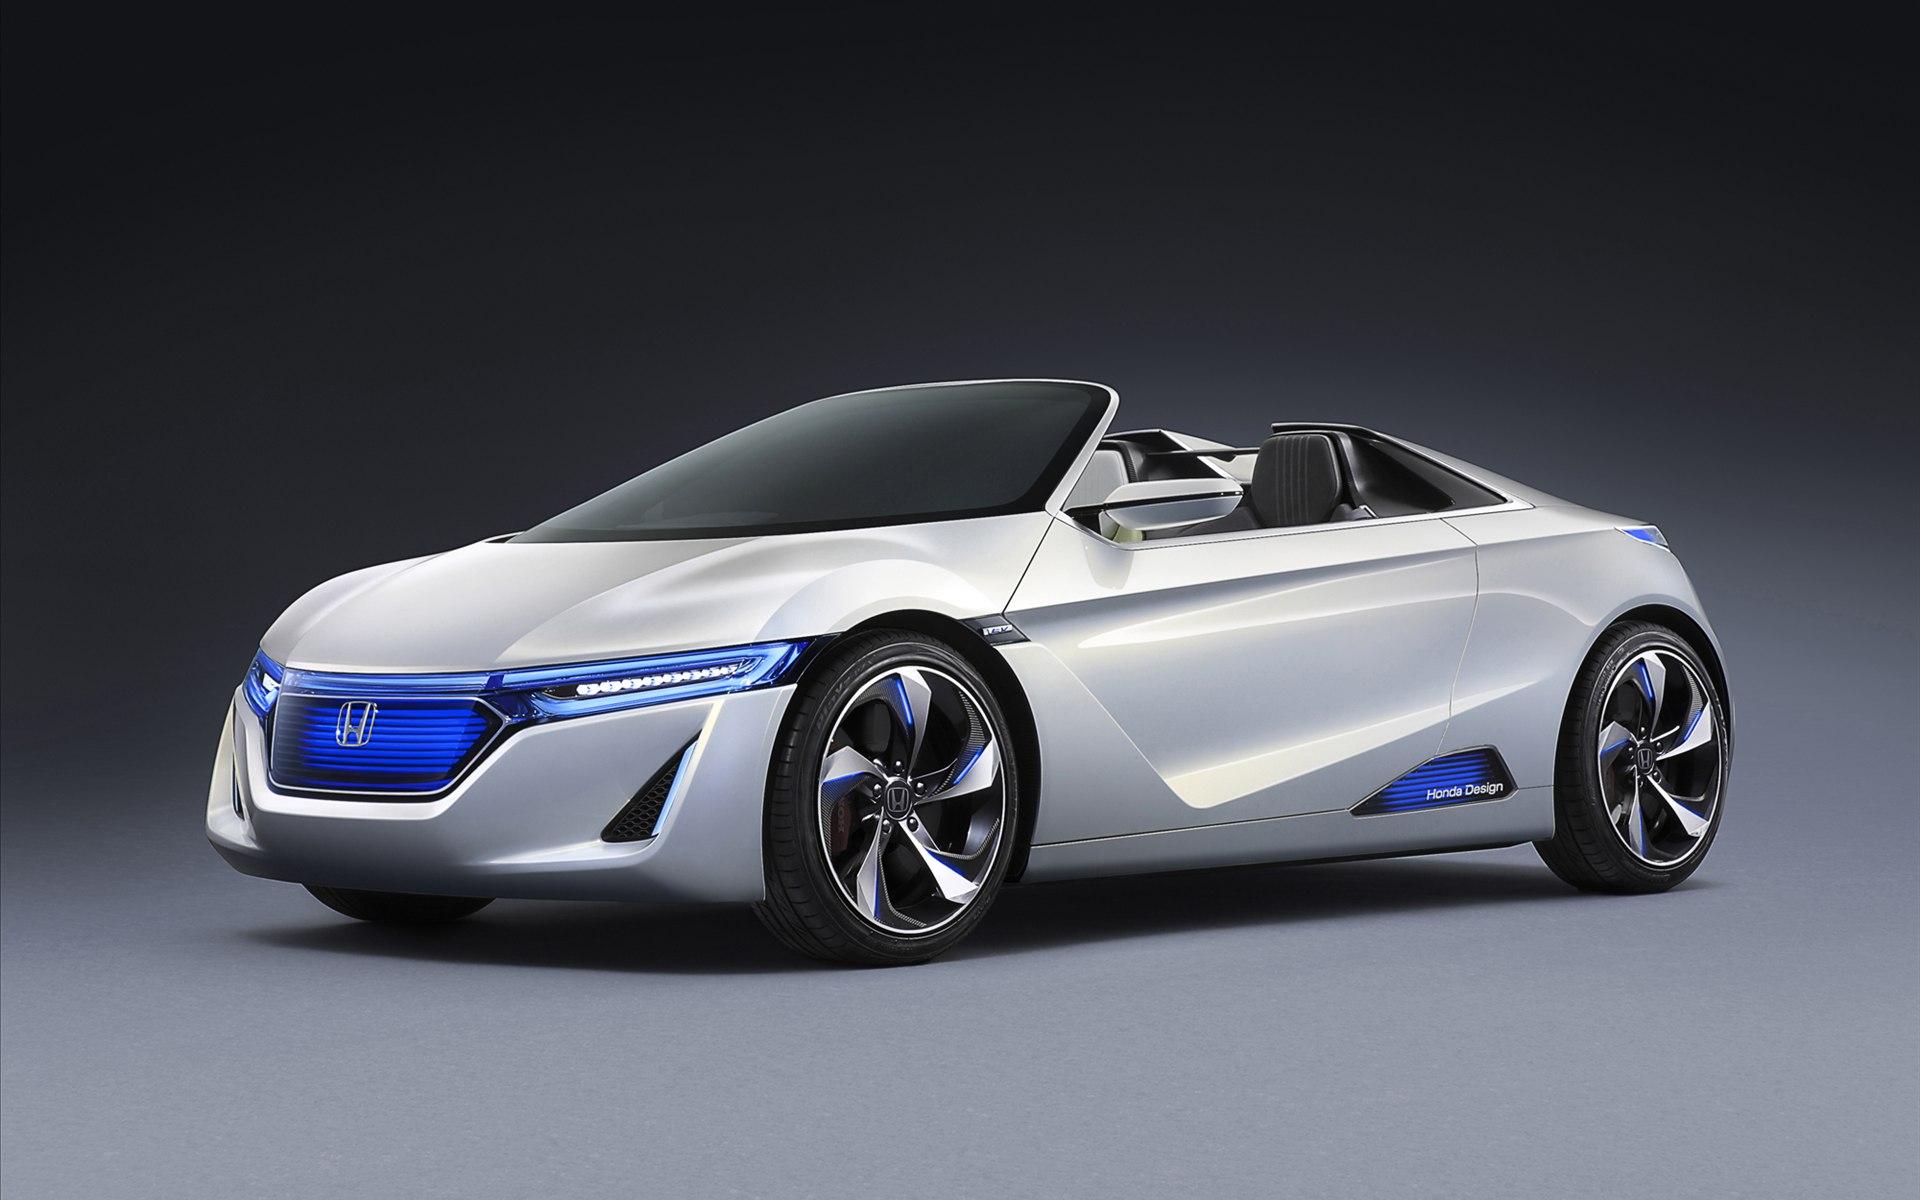 2011 Honda Ev Ster Concept Wallpaper Hd Car Wallpapers Id 2328